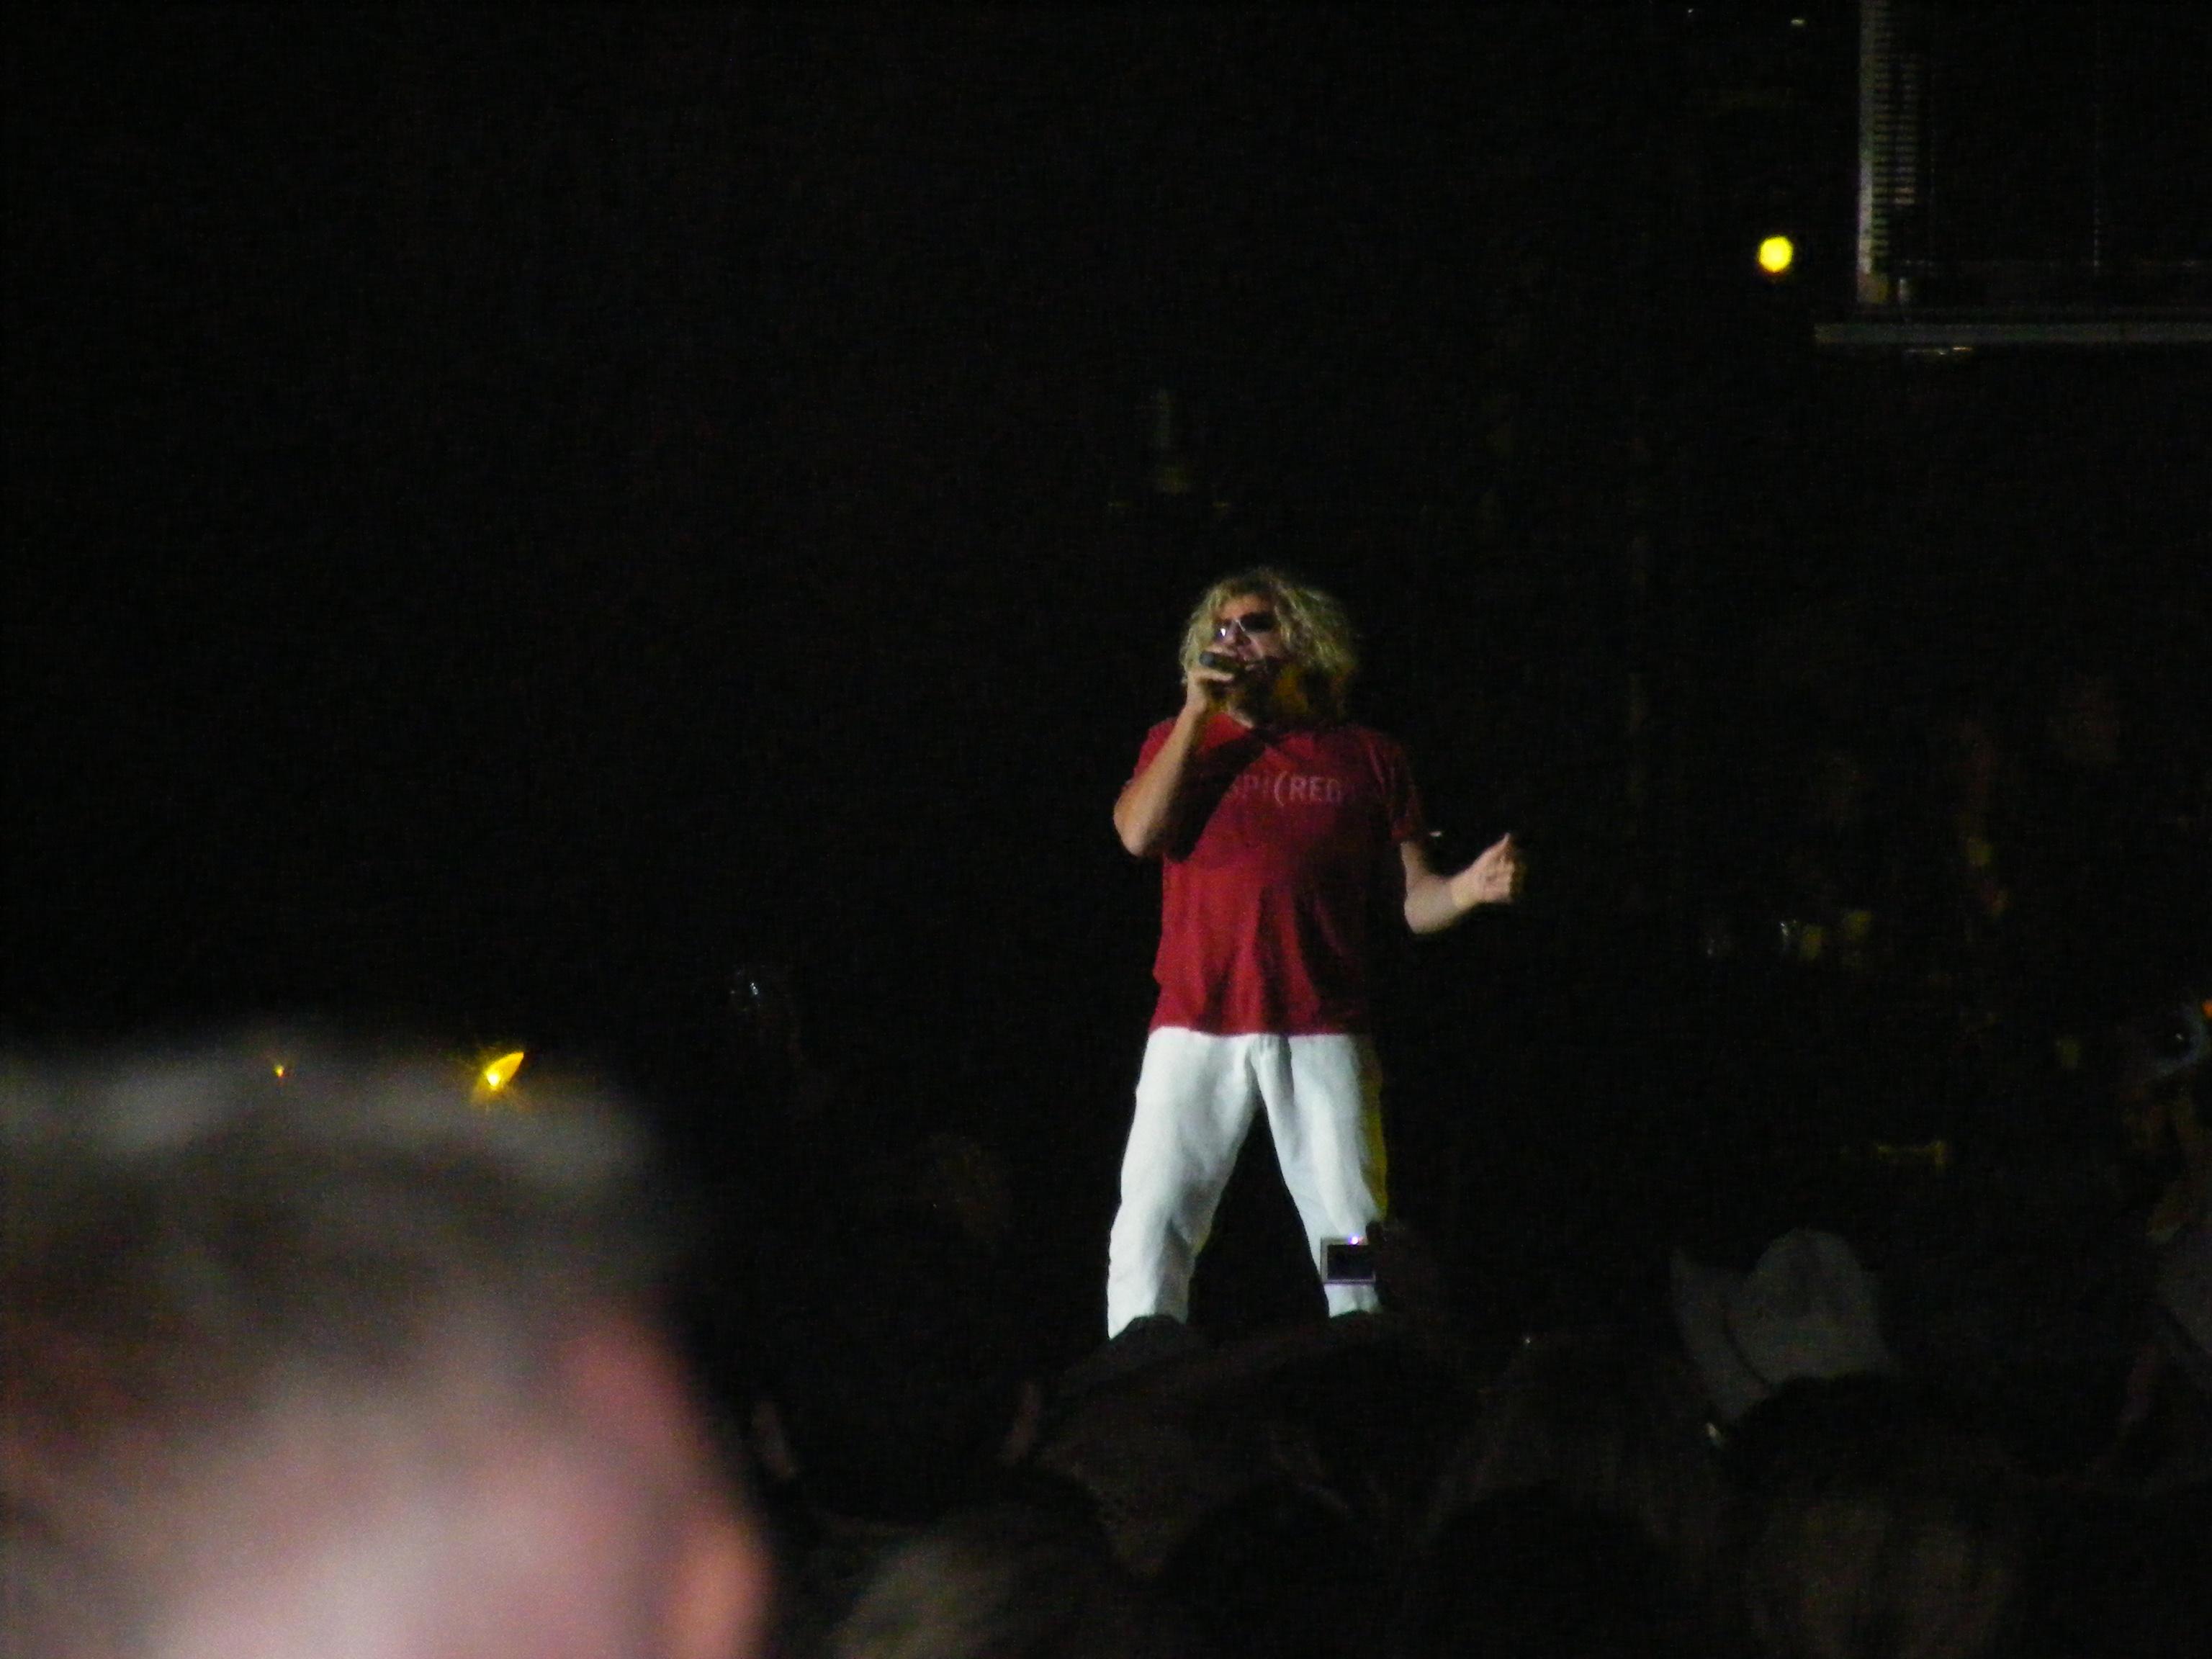 The Red Rocker Sammy Hagar!